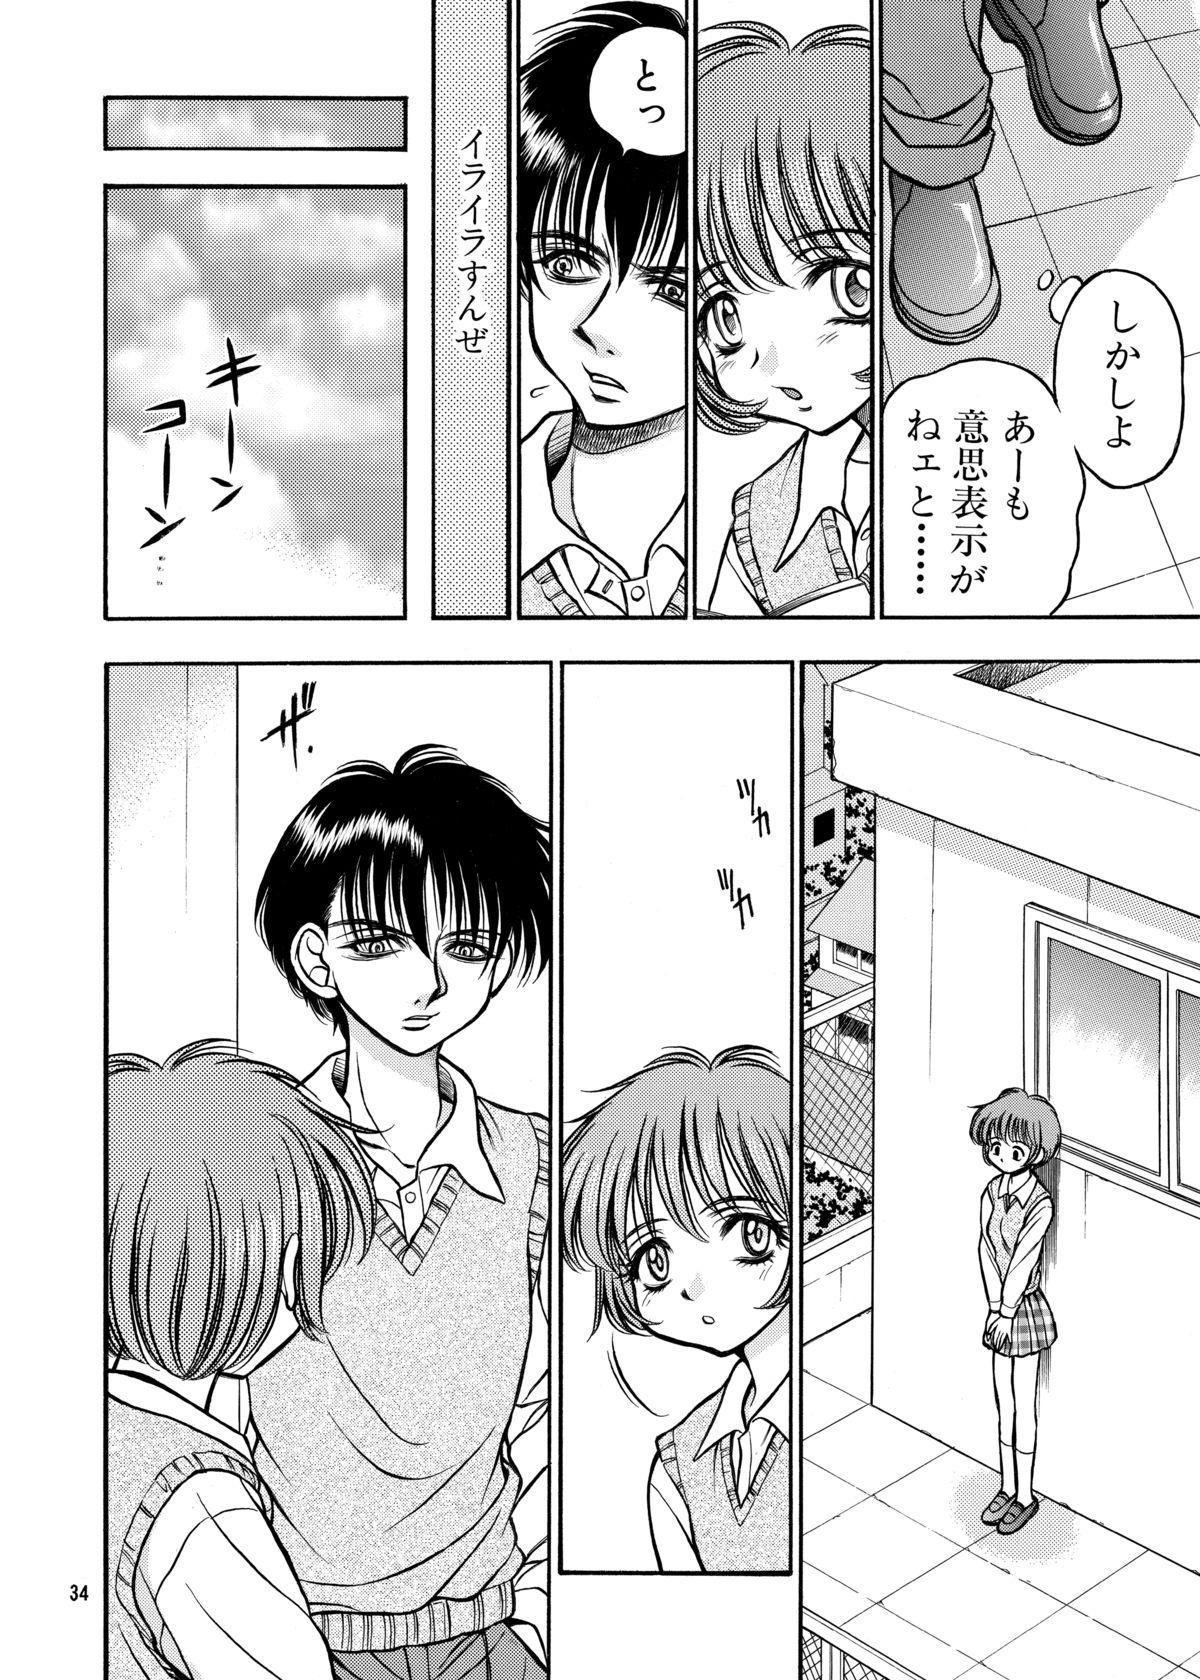 ココロノママニ 厩戸王子商業作品再録本 32